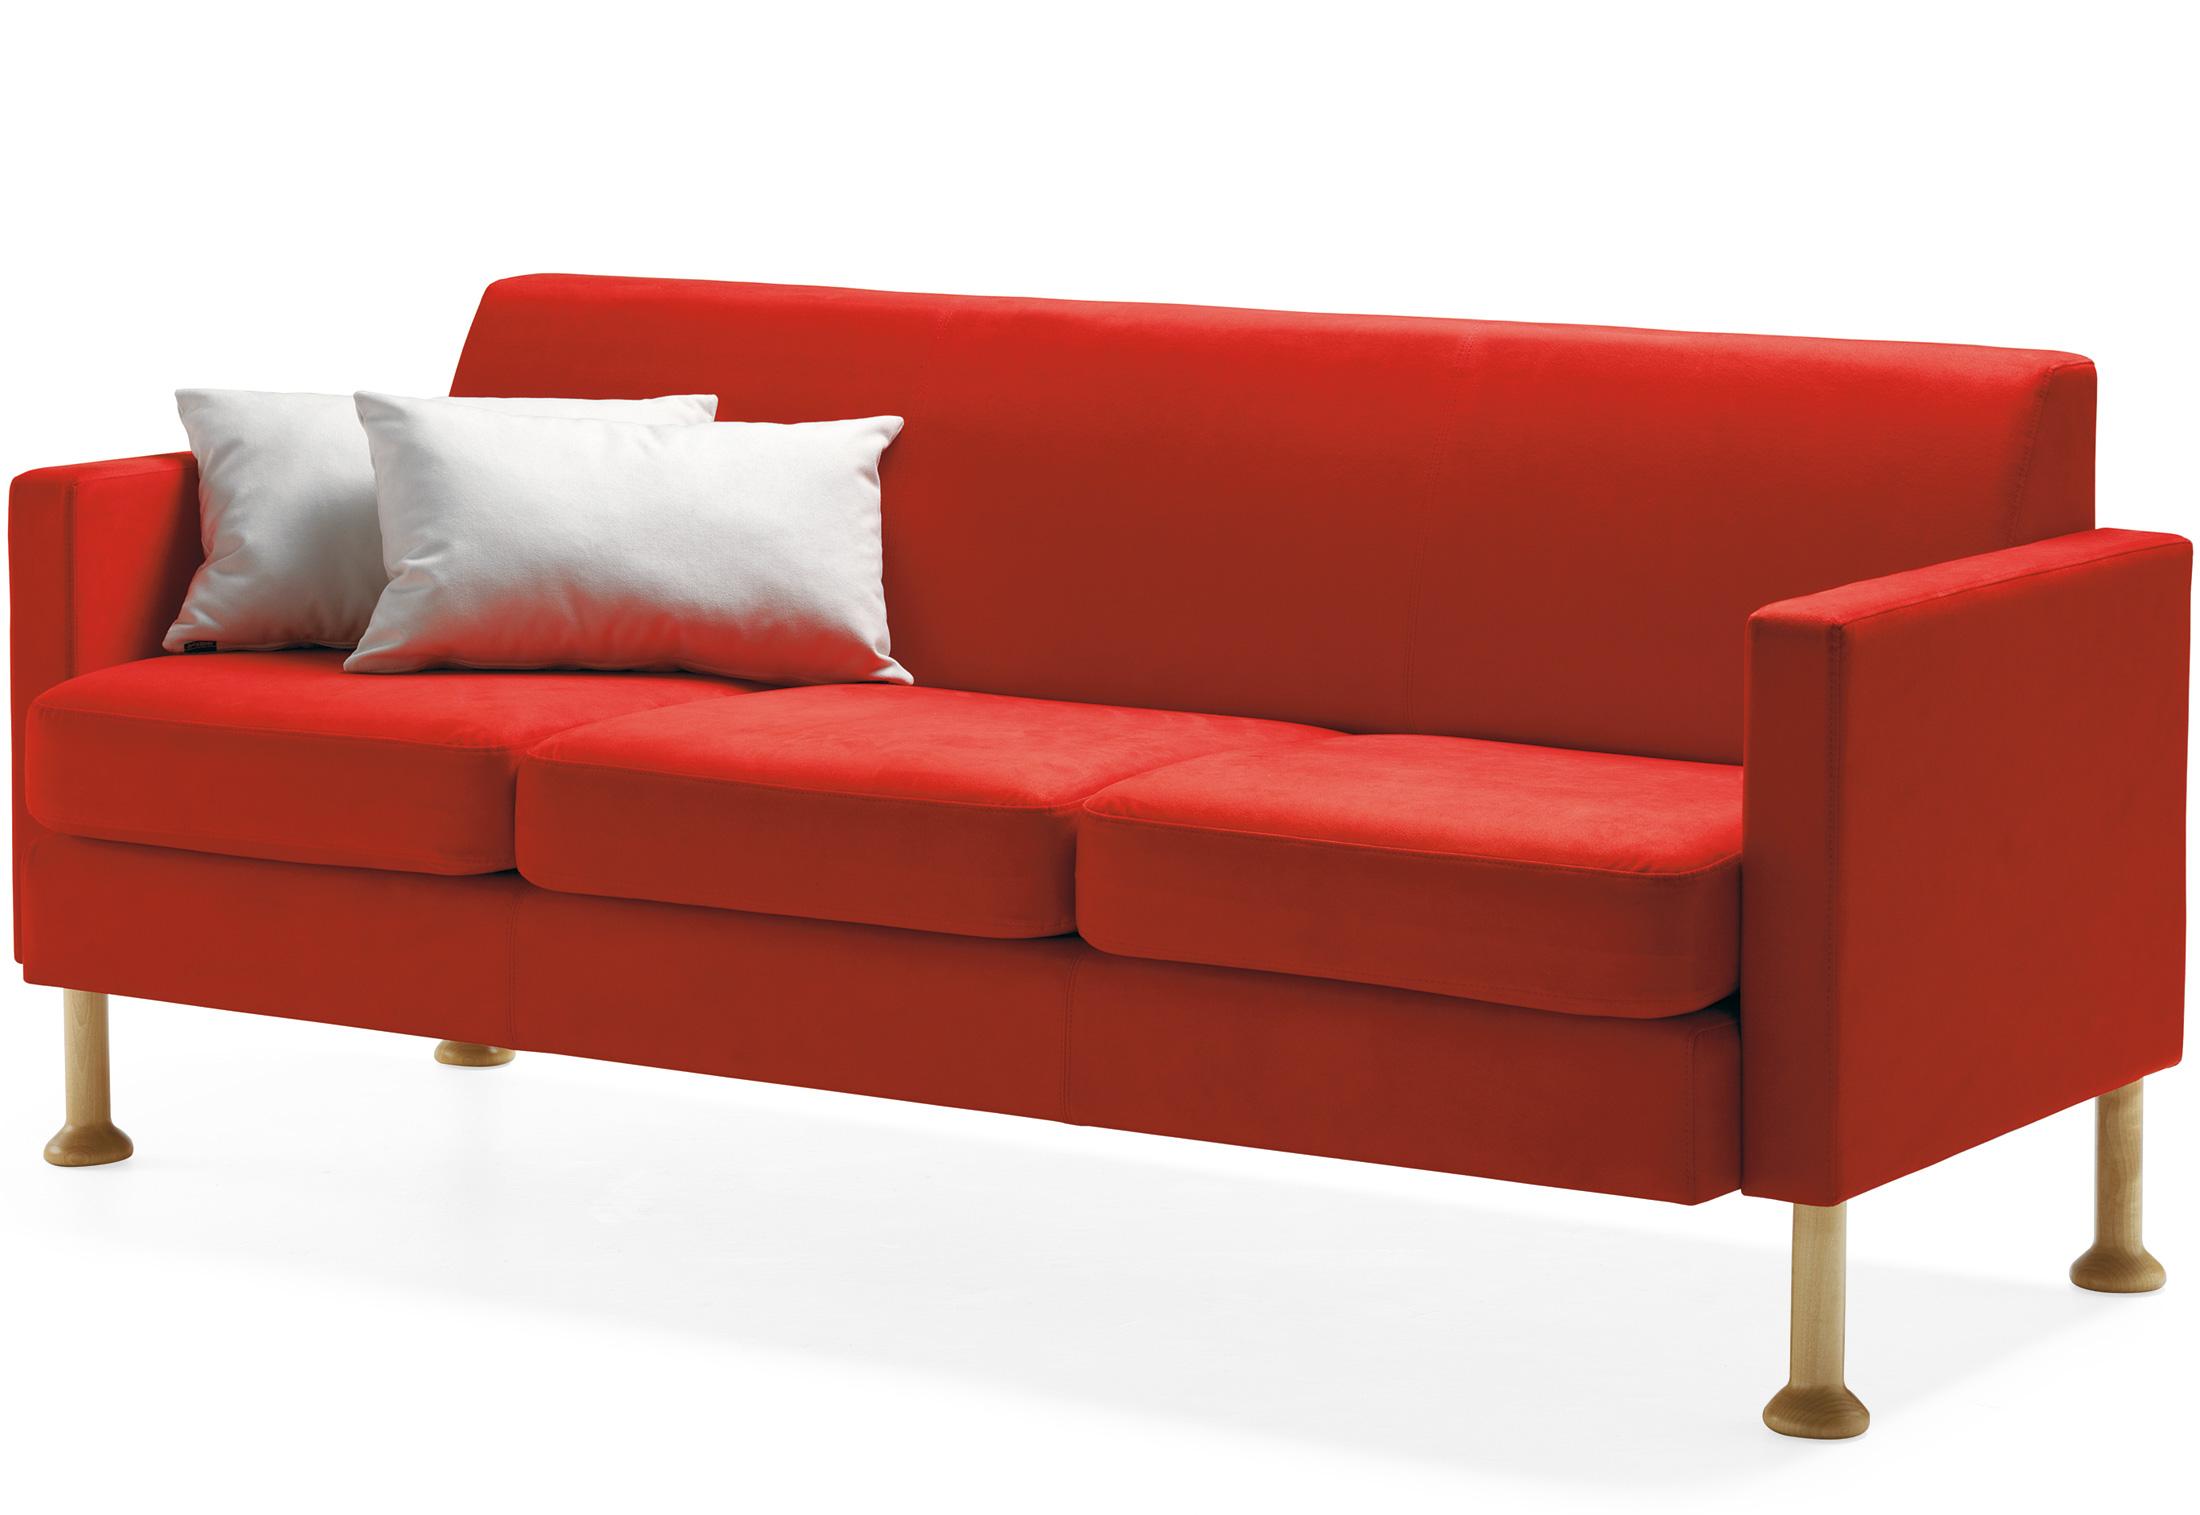 Multi Sofa With Legs